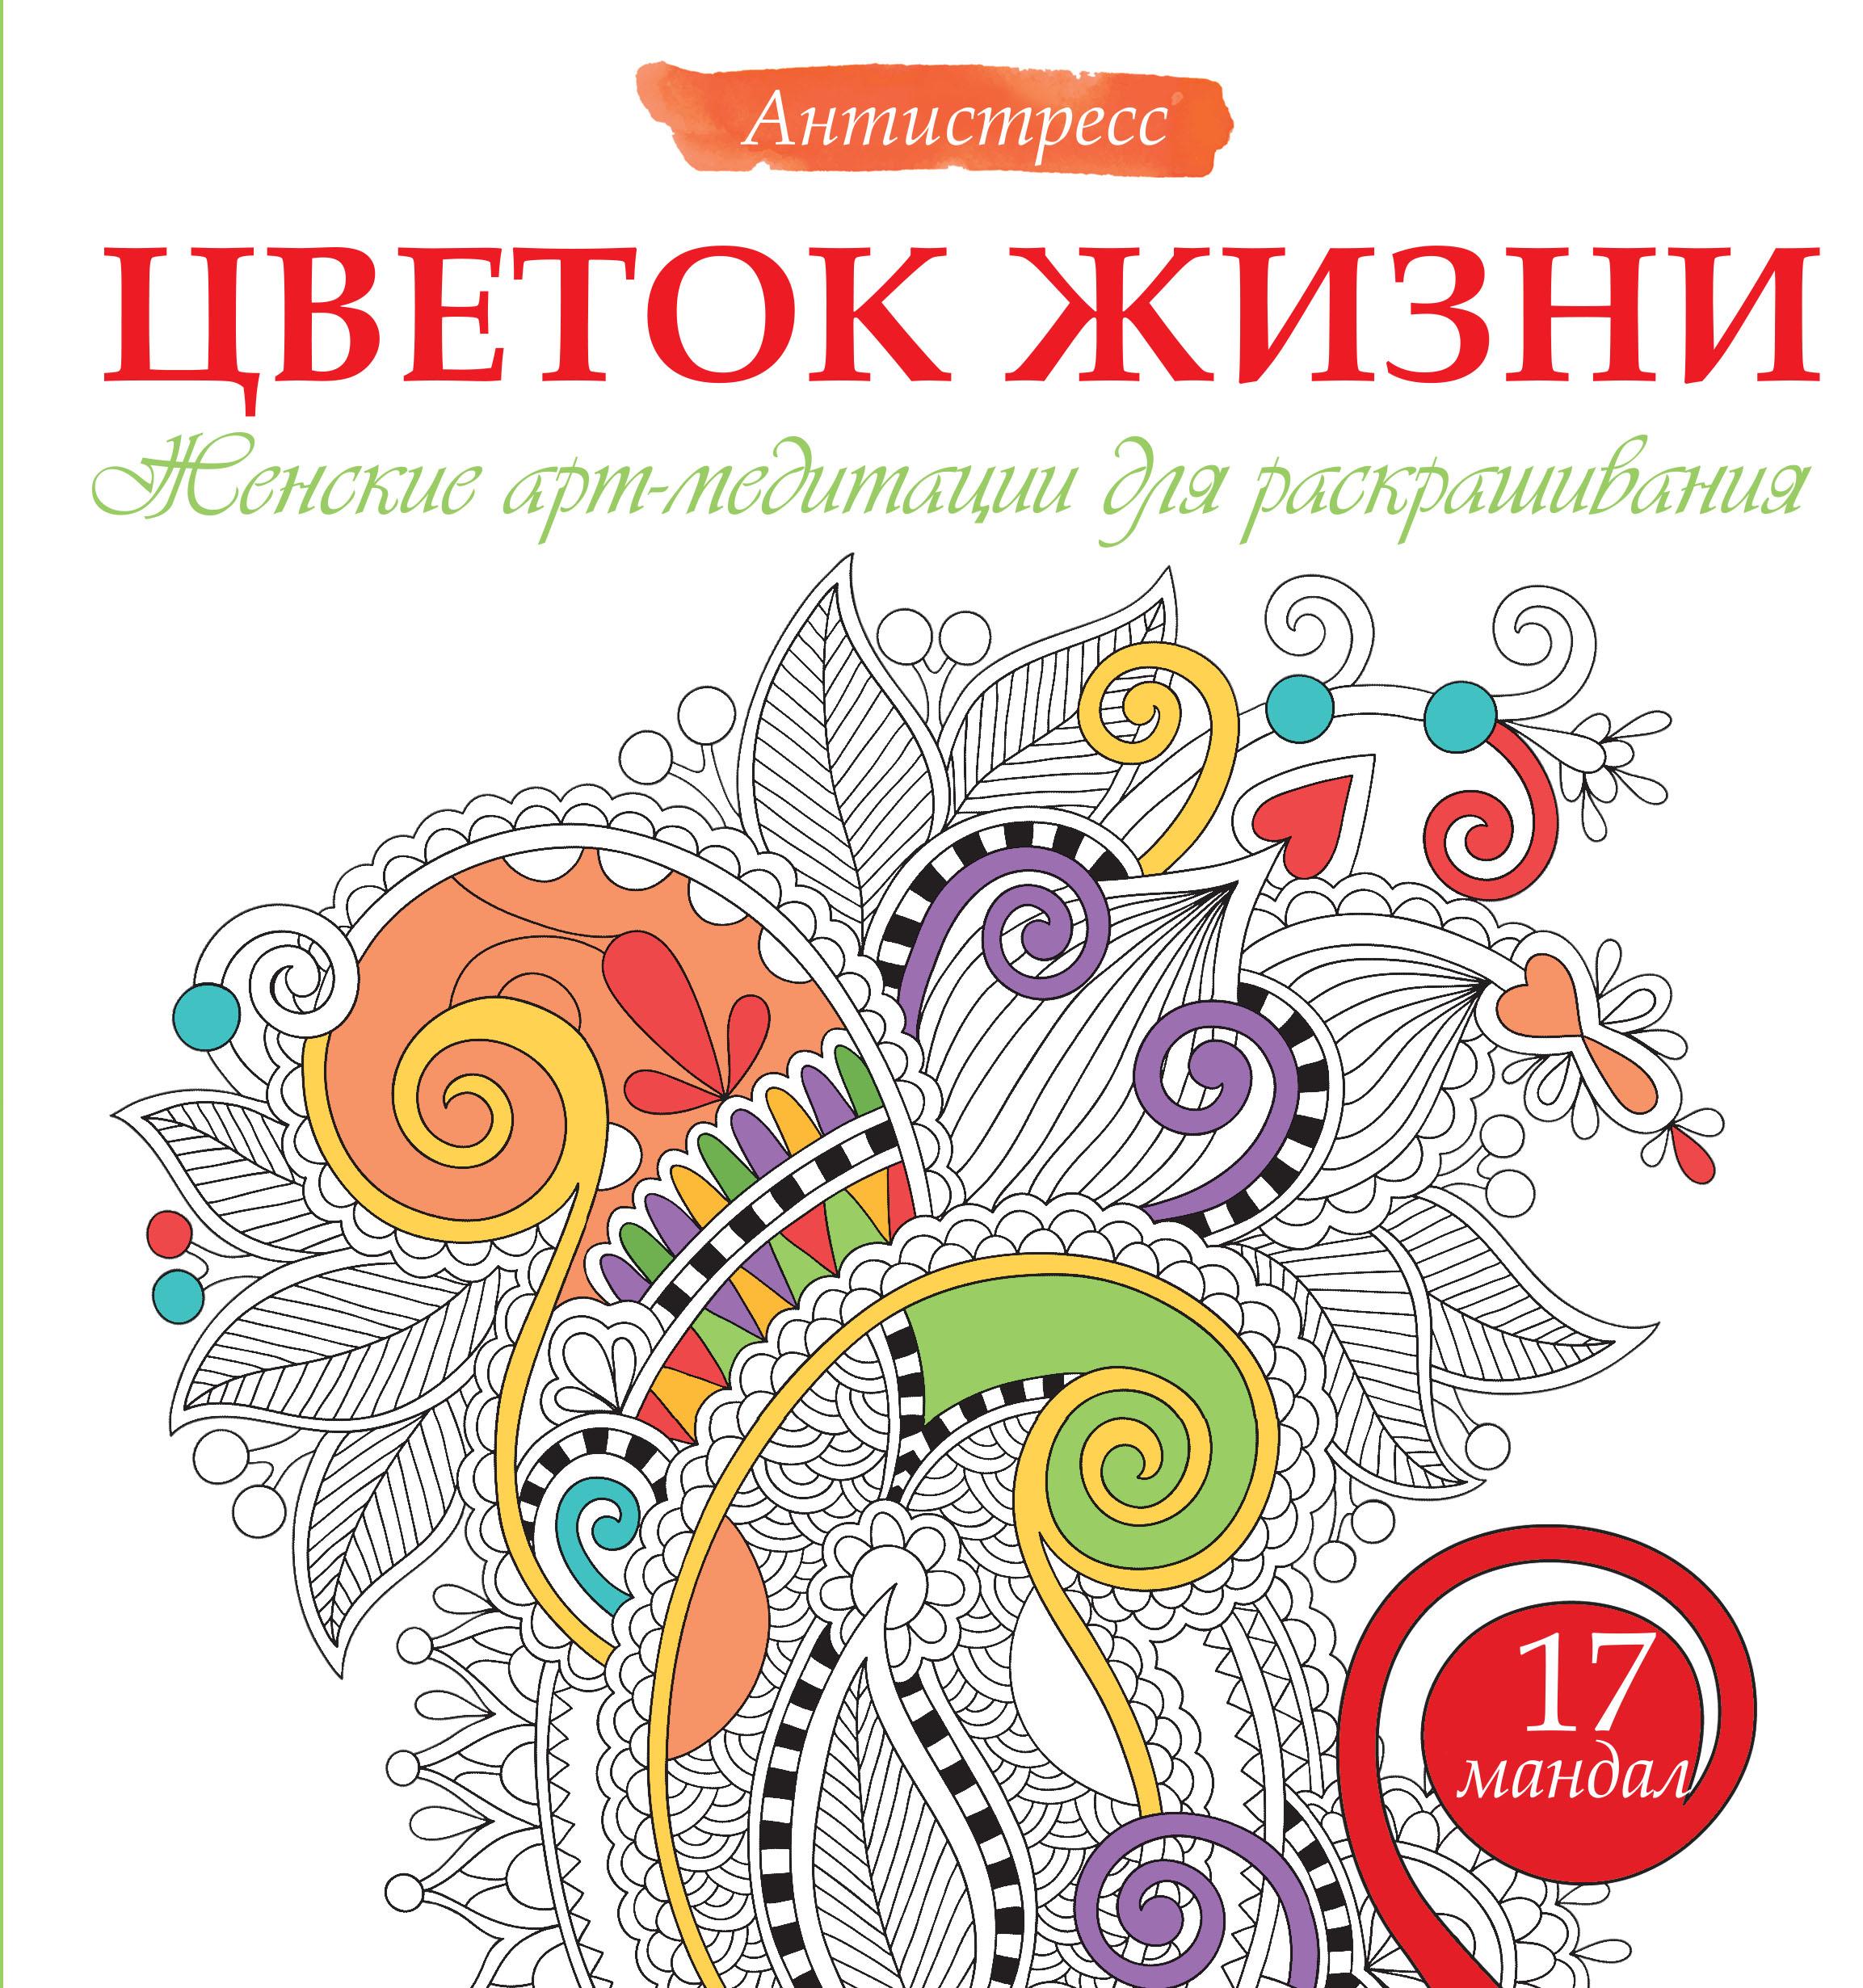 . Цветок жизни. Женские арт-медитациидля раскрашивания богданова жанна цветок жизни женские арт медитациидля раскрашивания